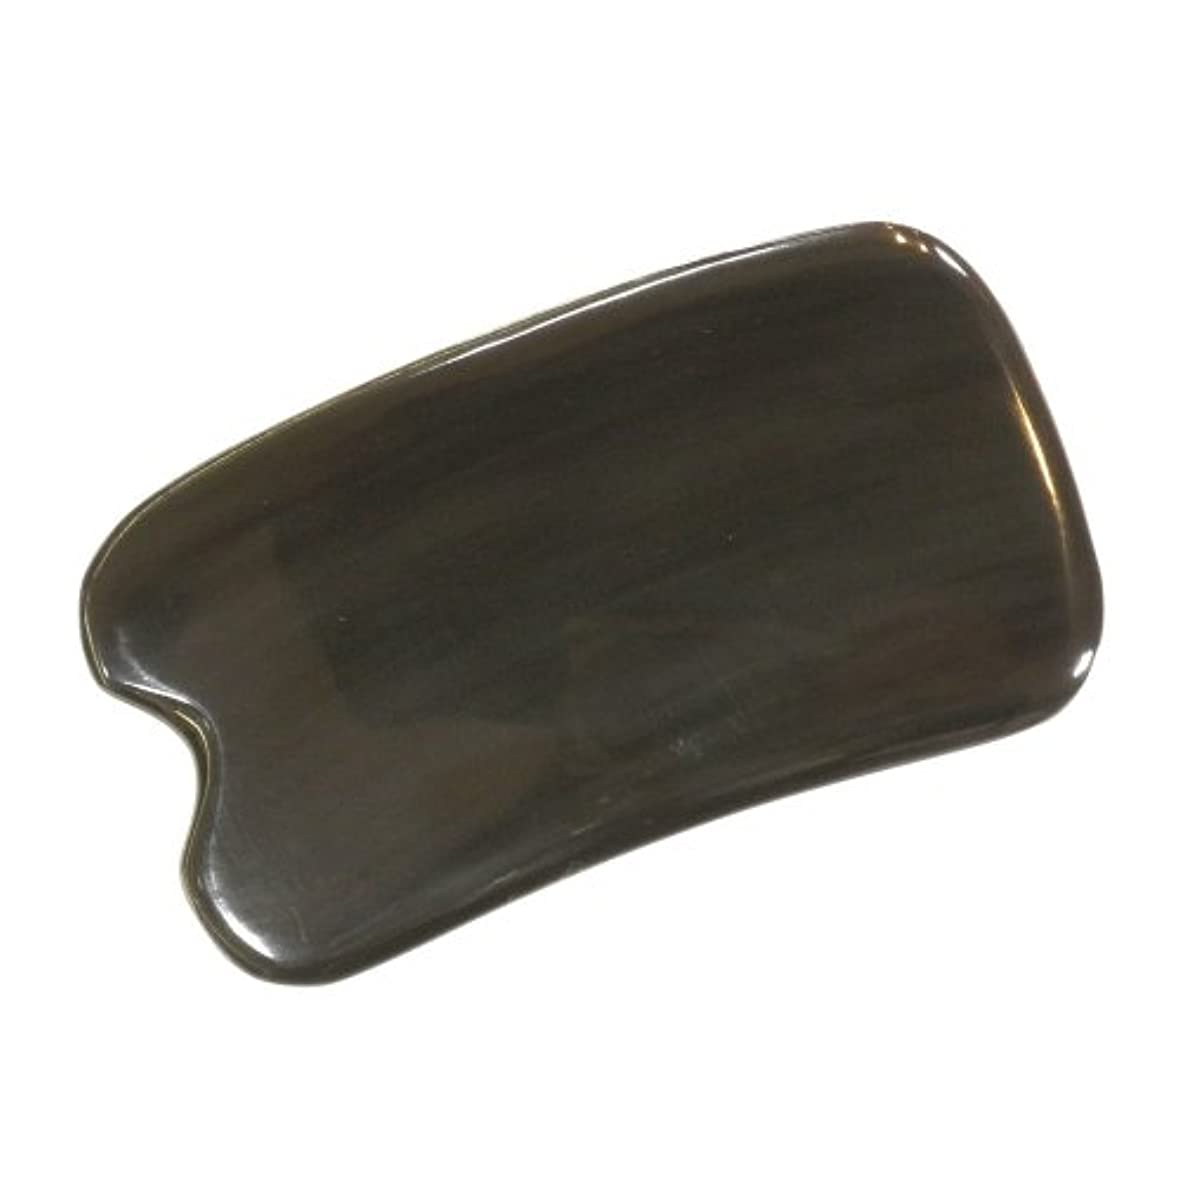 回答インディカ持つかっさ プレート 厚さが選べる ヤクの角(水牛の角) EHE273SP 黒四角凹 特級品 少し厚め(6ミリ程度) 大きめ穴無